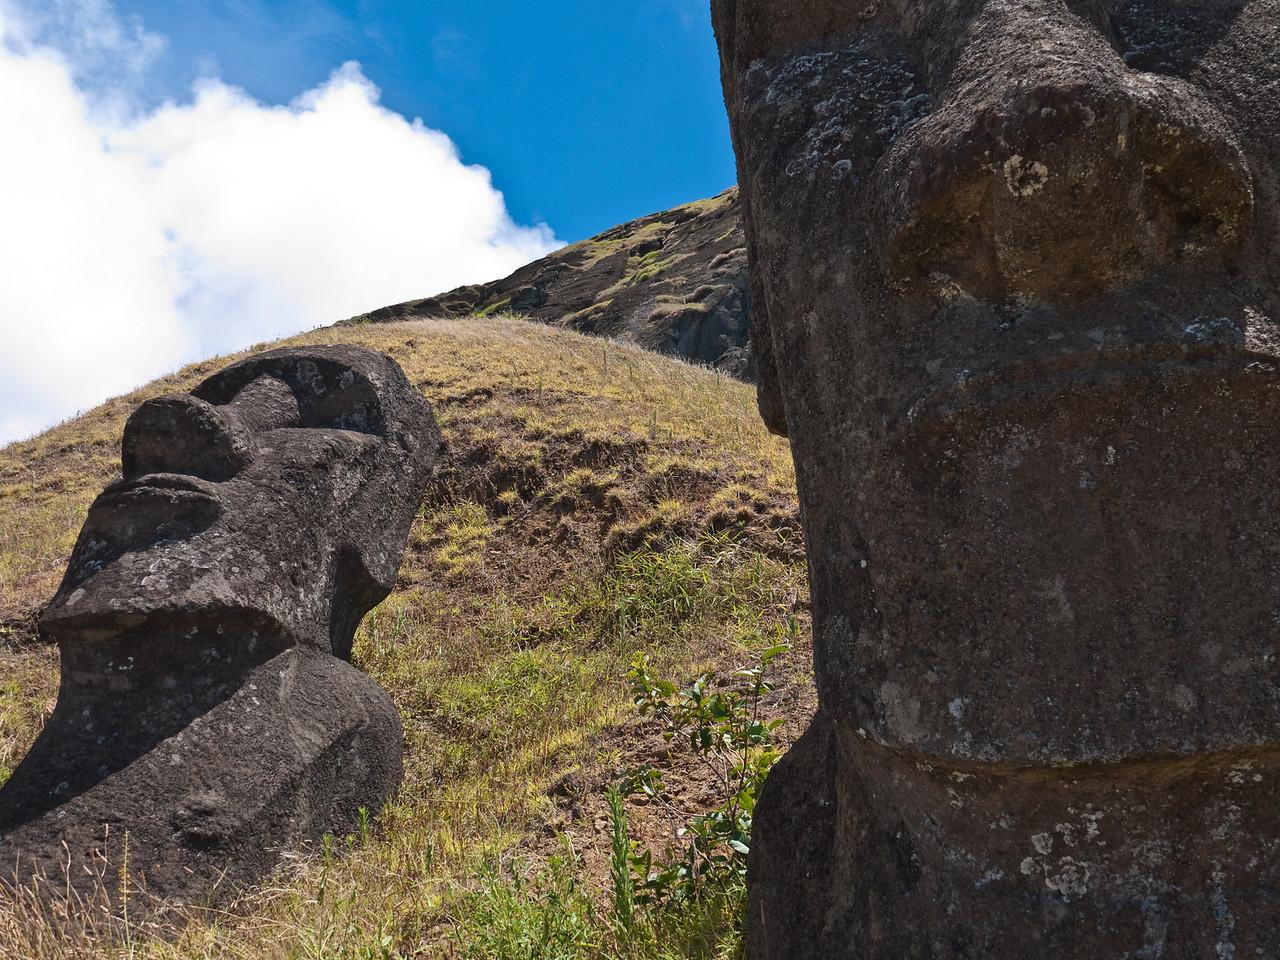 Moai on the hillside at Rano Raraku